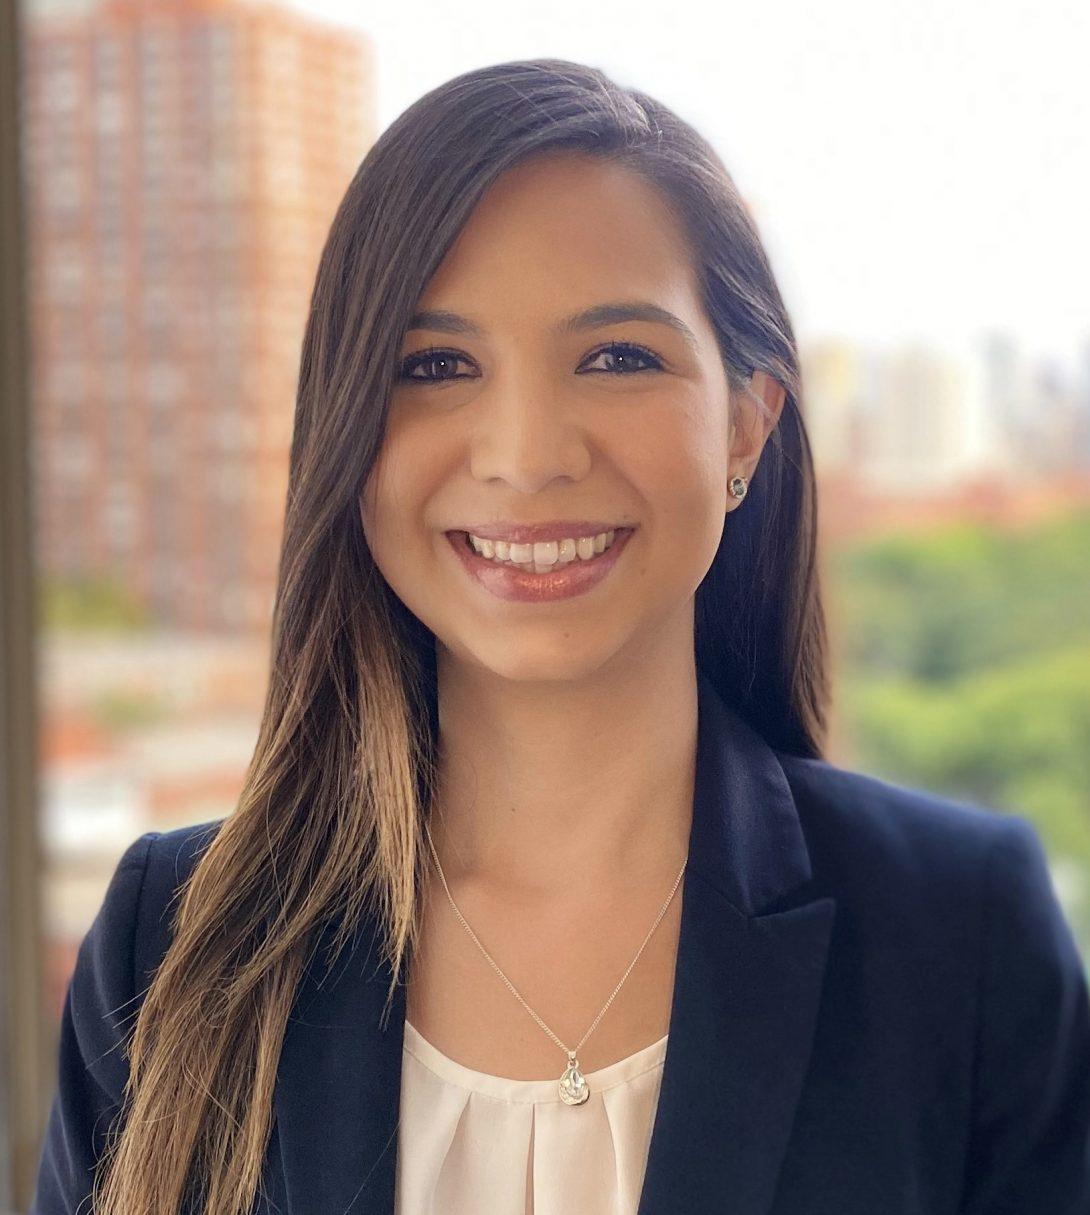 Vivian Sandoval